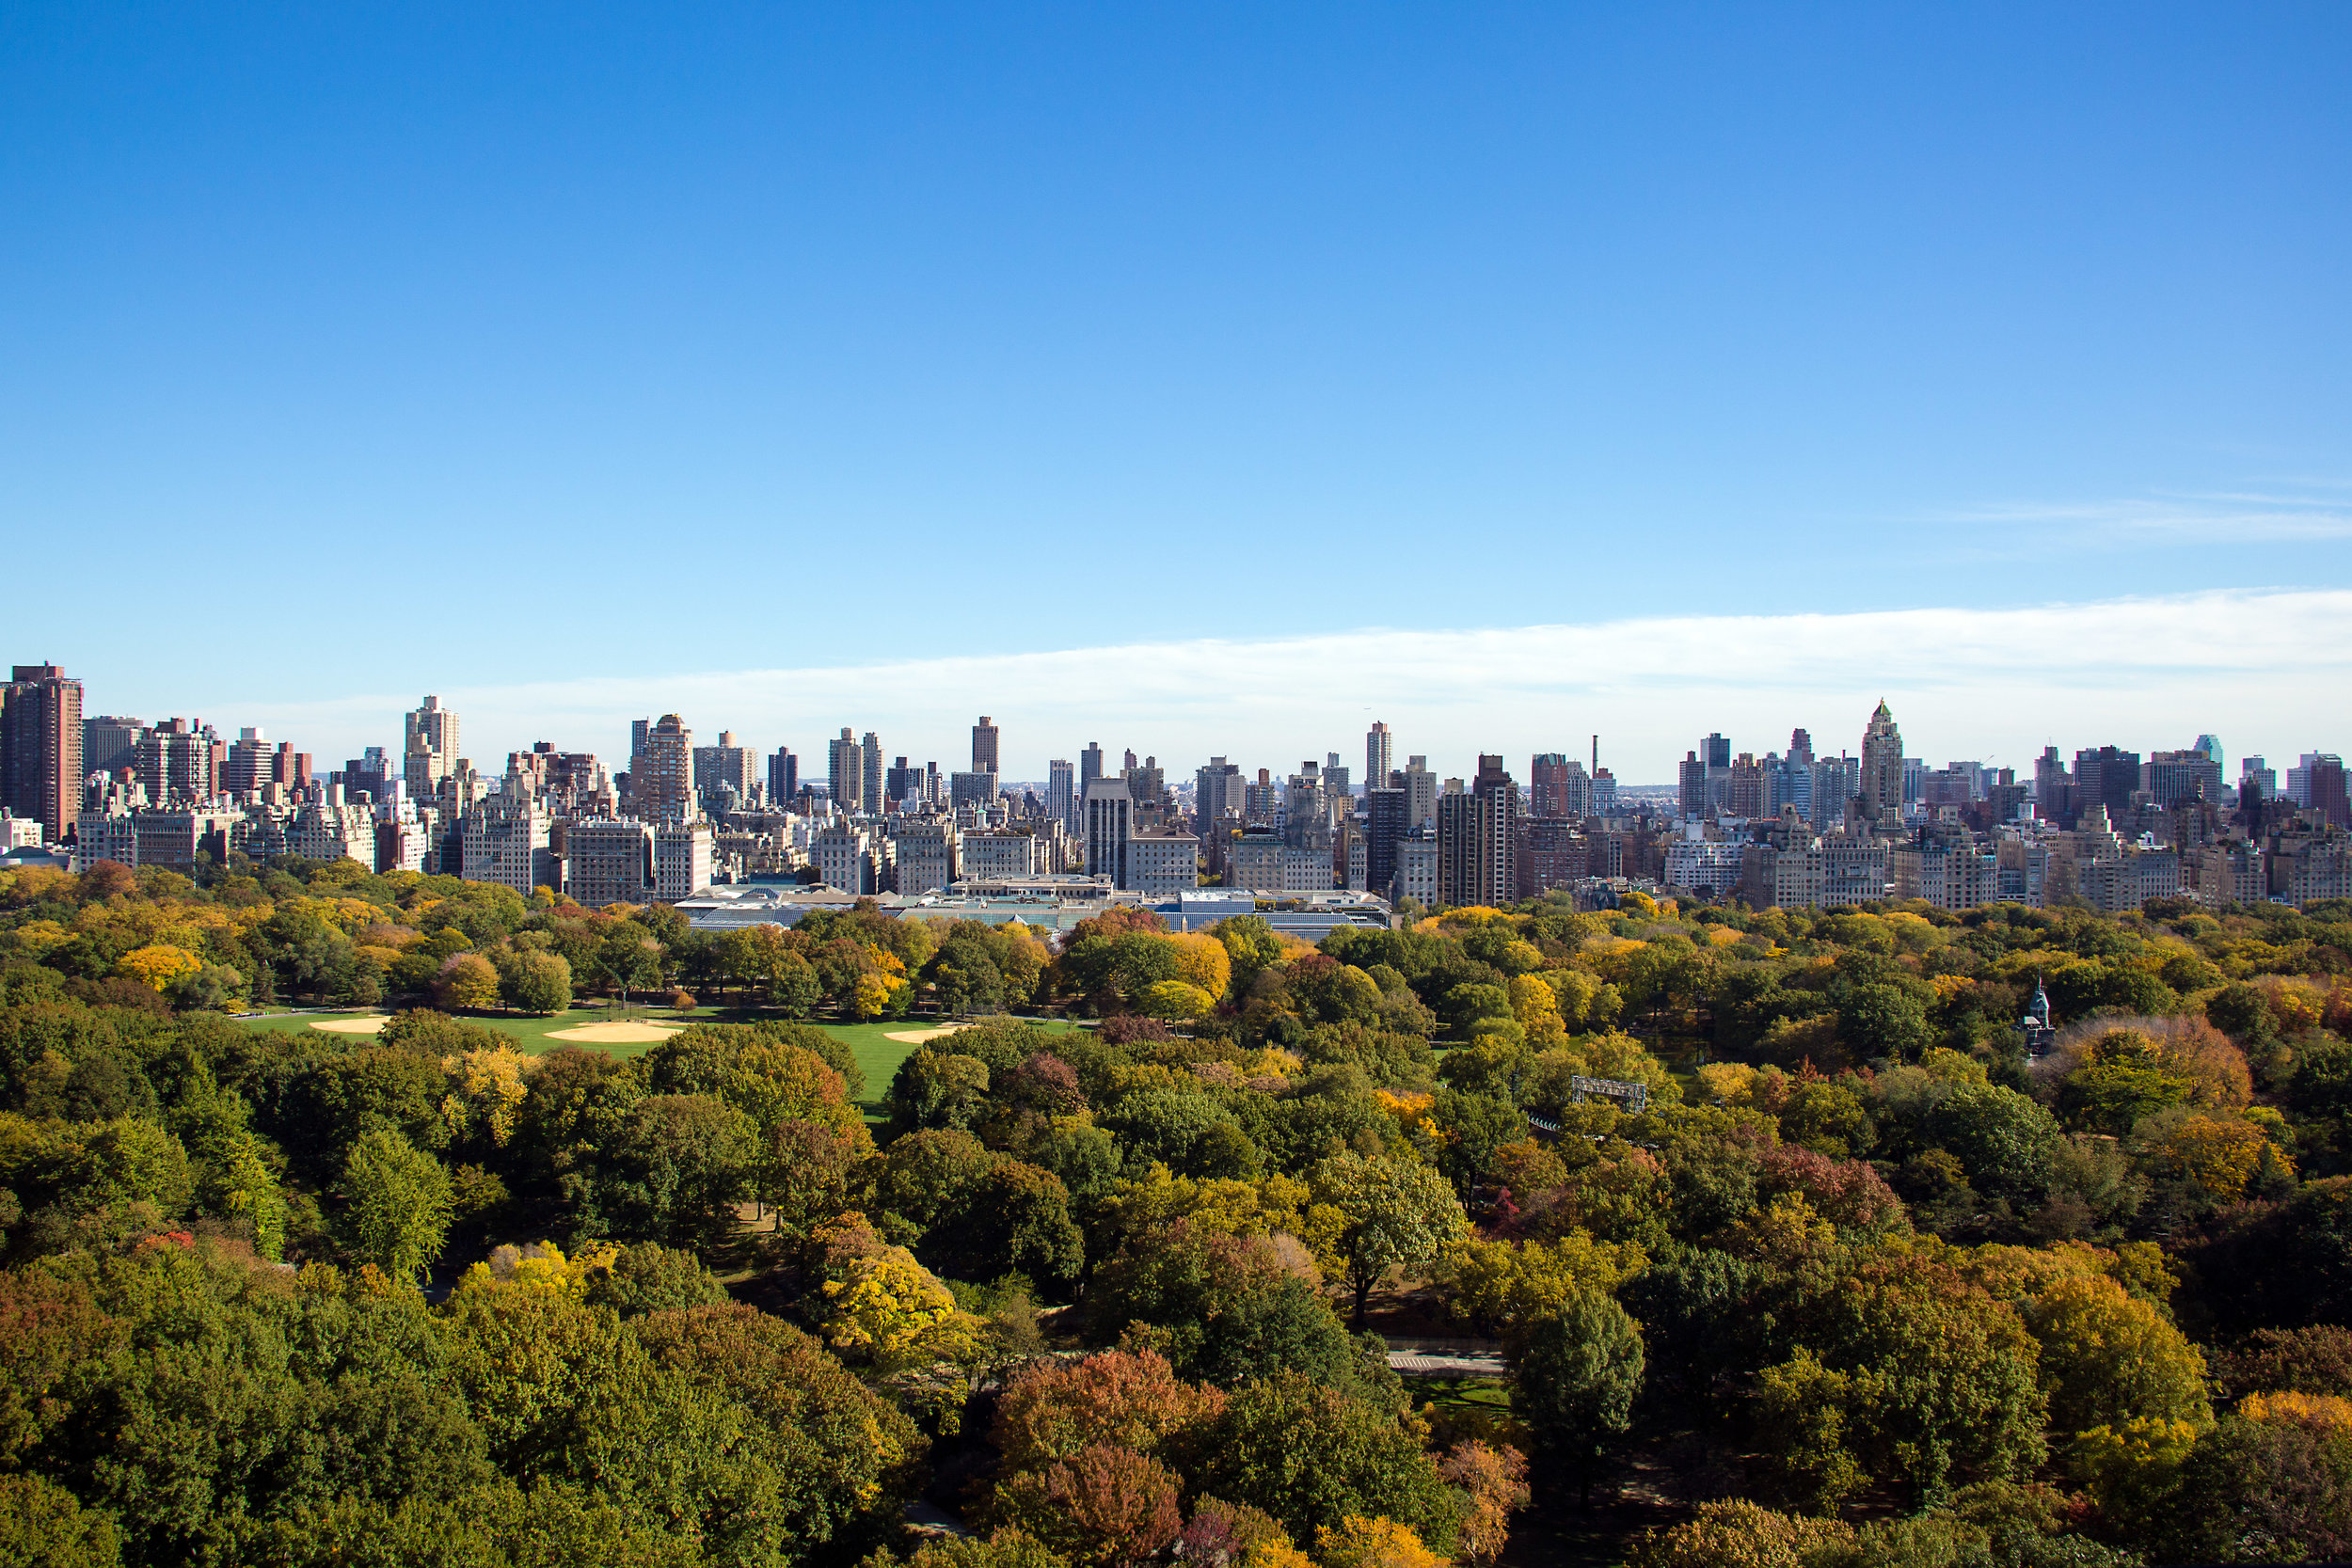 LSNY_Central_Park_Views-2.jpg